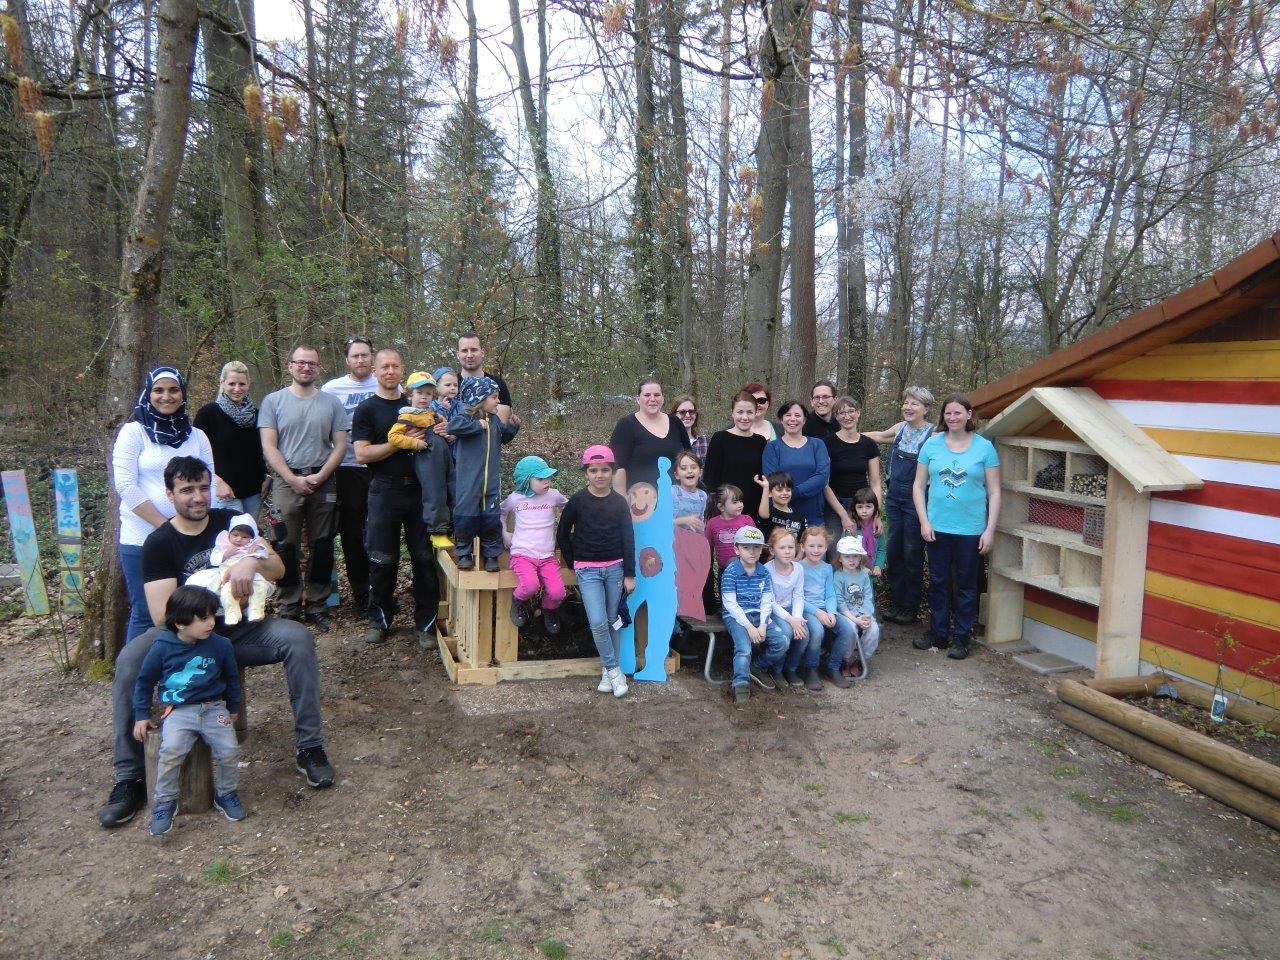 Vielfältige Gartenaktion in der Inklusiven KiTa Hersbruck – Eltern und Kinder hatten viel Spaß beim gemeinsamen Arbeiten